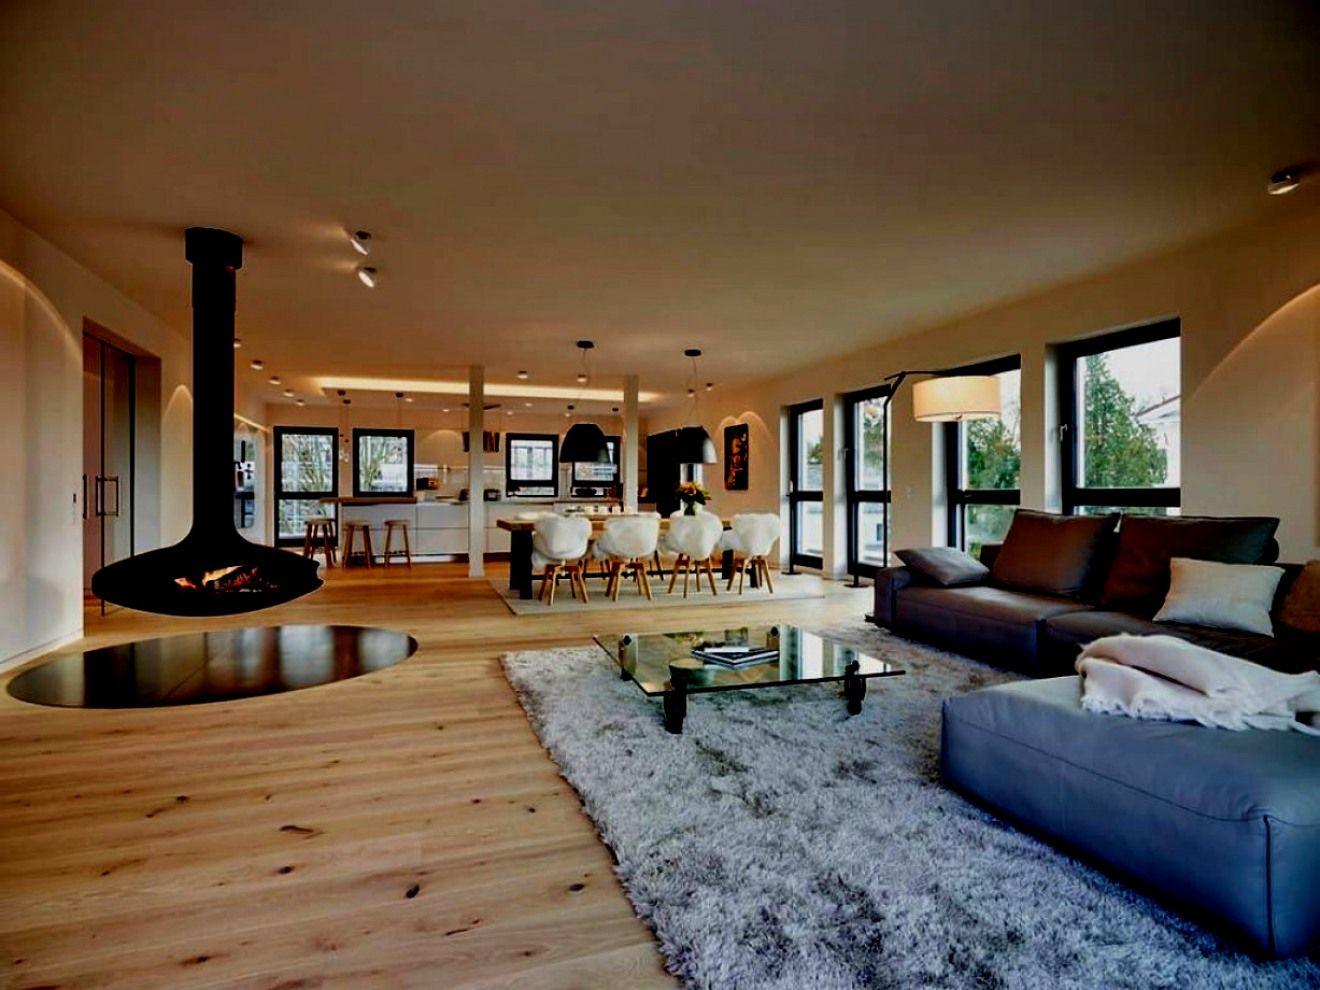 Elegant Wohnideen Wohnzimmer Modern Jaterg - Schlafzimmer Wandfarbe ...